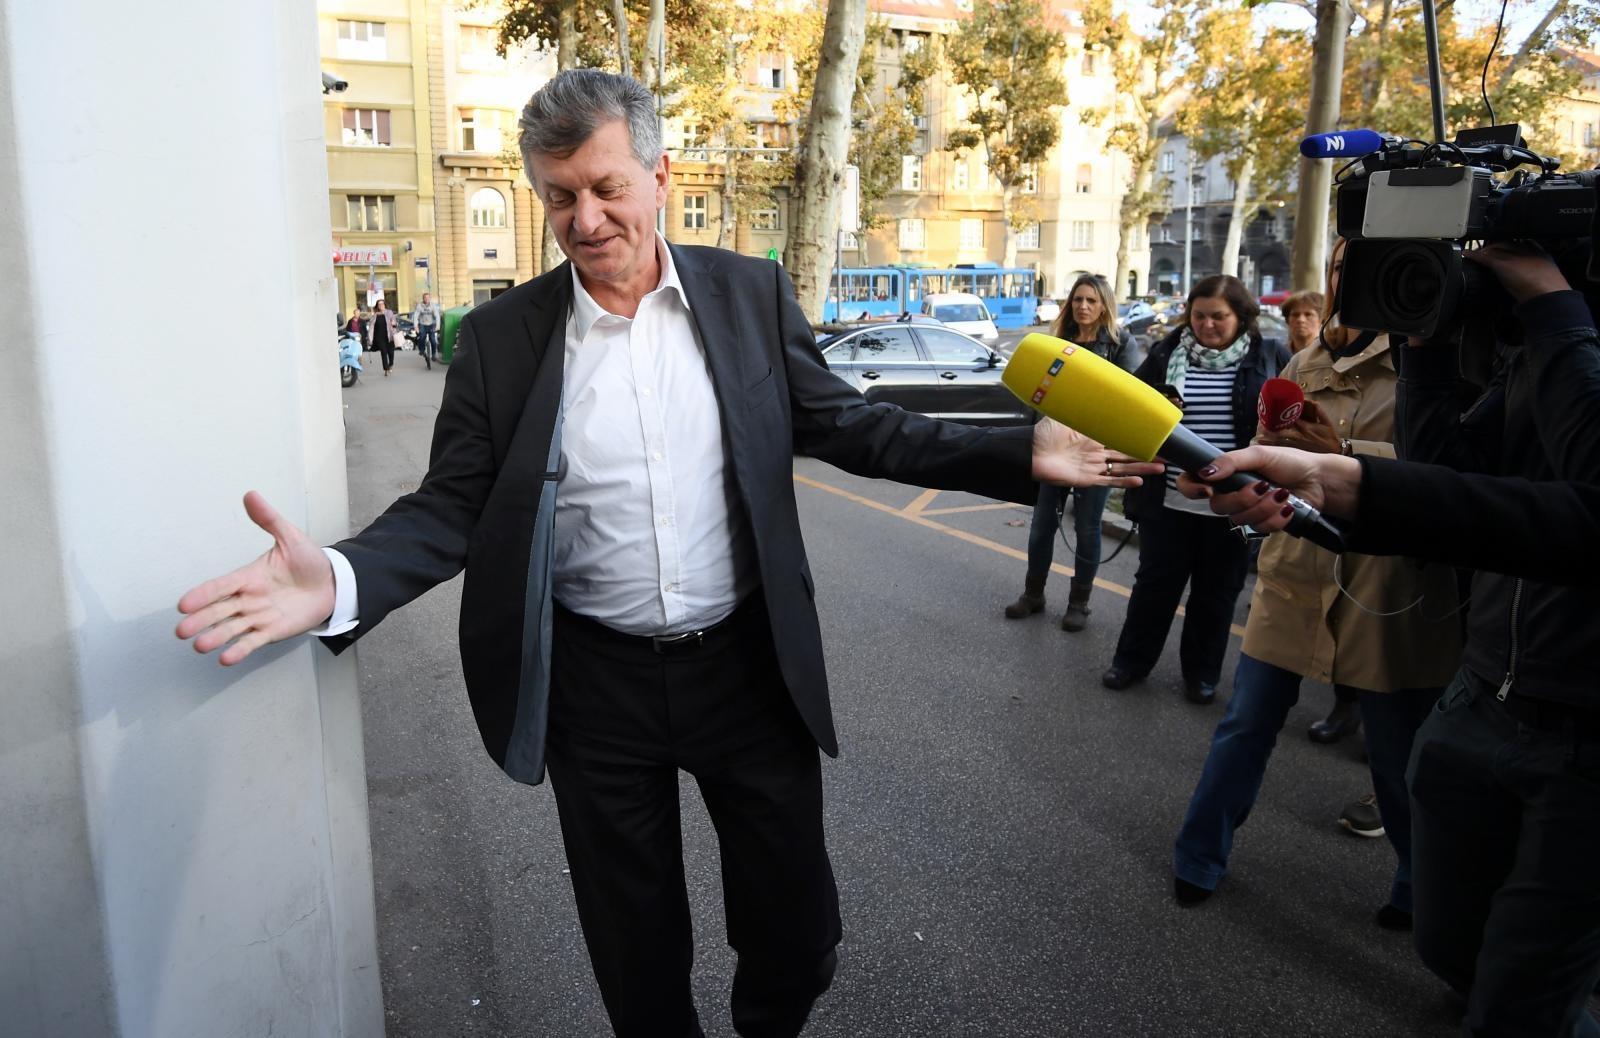 Ministar Kujundžić novinare ispitivao Božje zapovijedi